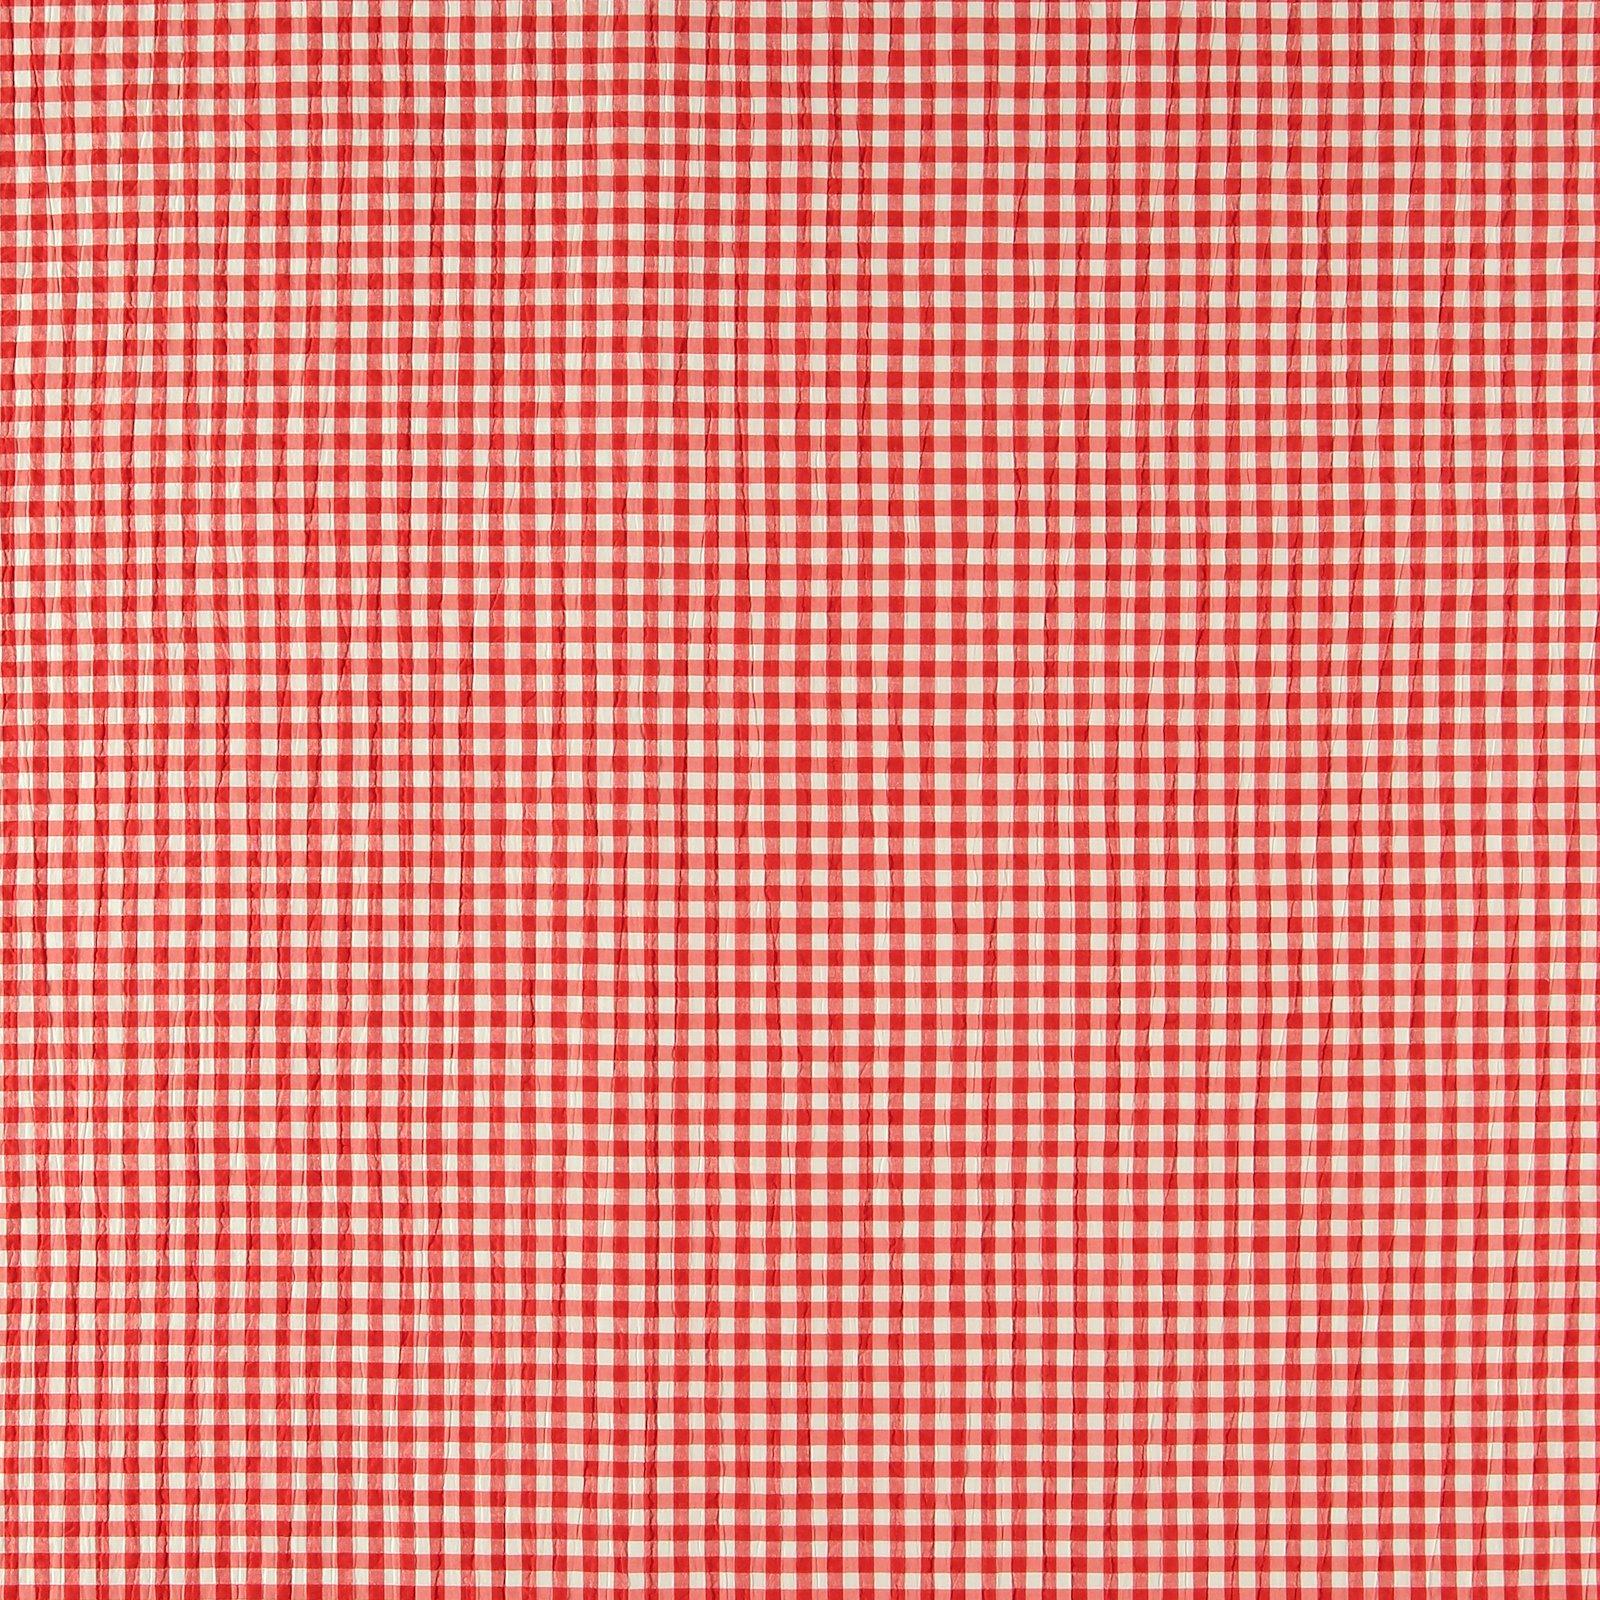 Seersucker red YD check 510963_pack_sp